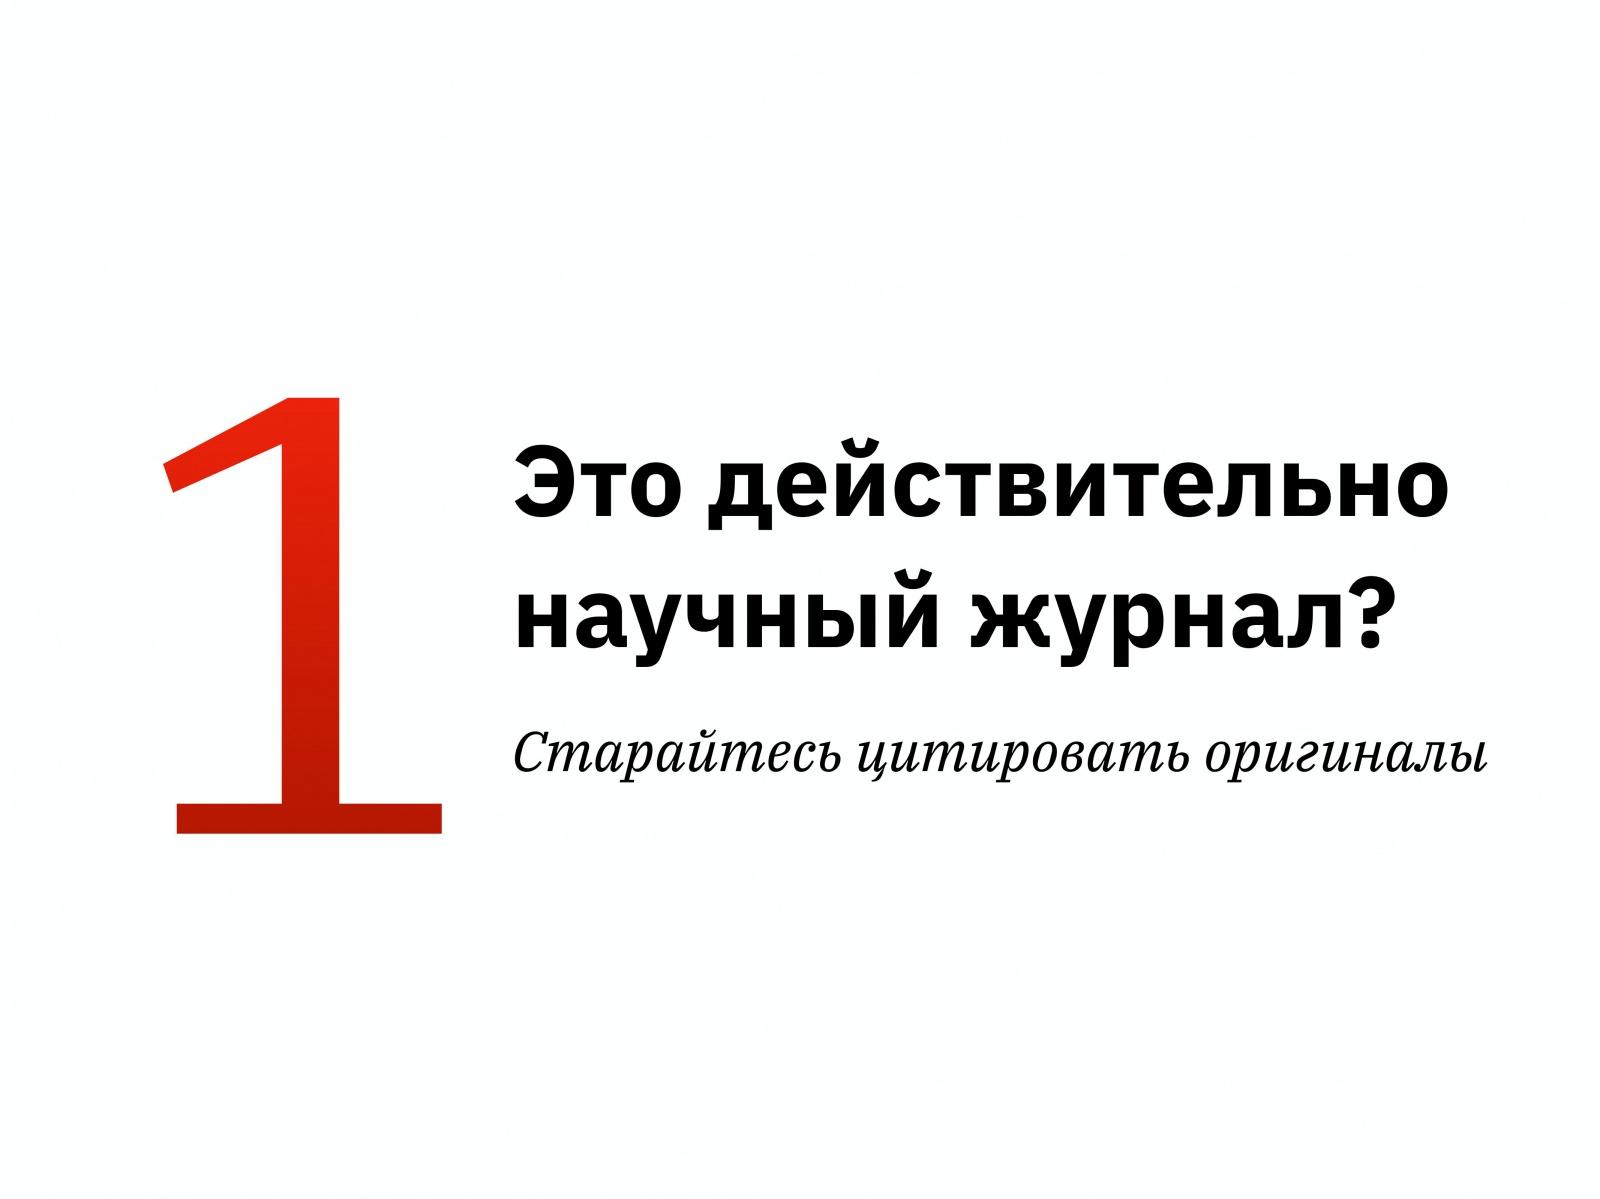 Алексей Каптерев: Критическое мышление 101 (часть 2) - 71